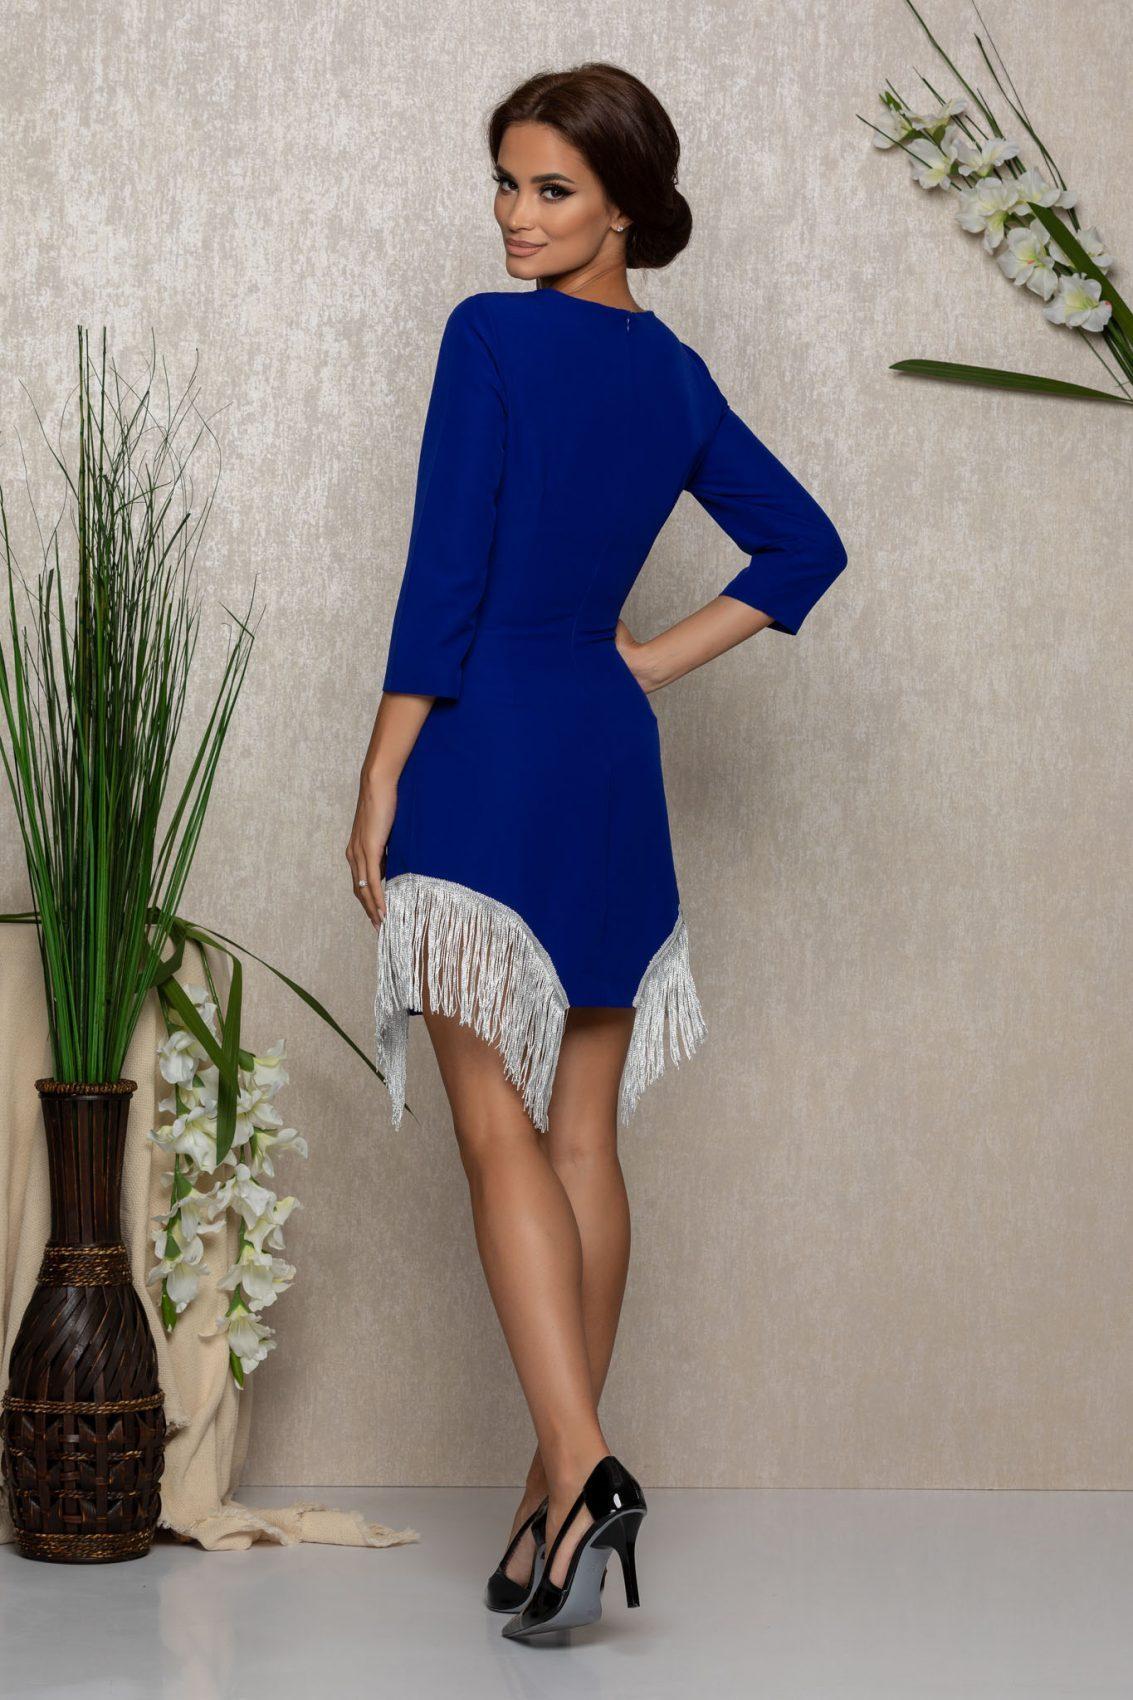 Μίνι Μπλε Ρουά Φόρεμα Με Κρόσια Juniper 9285 2